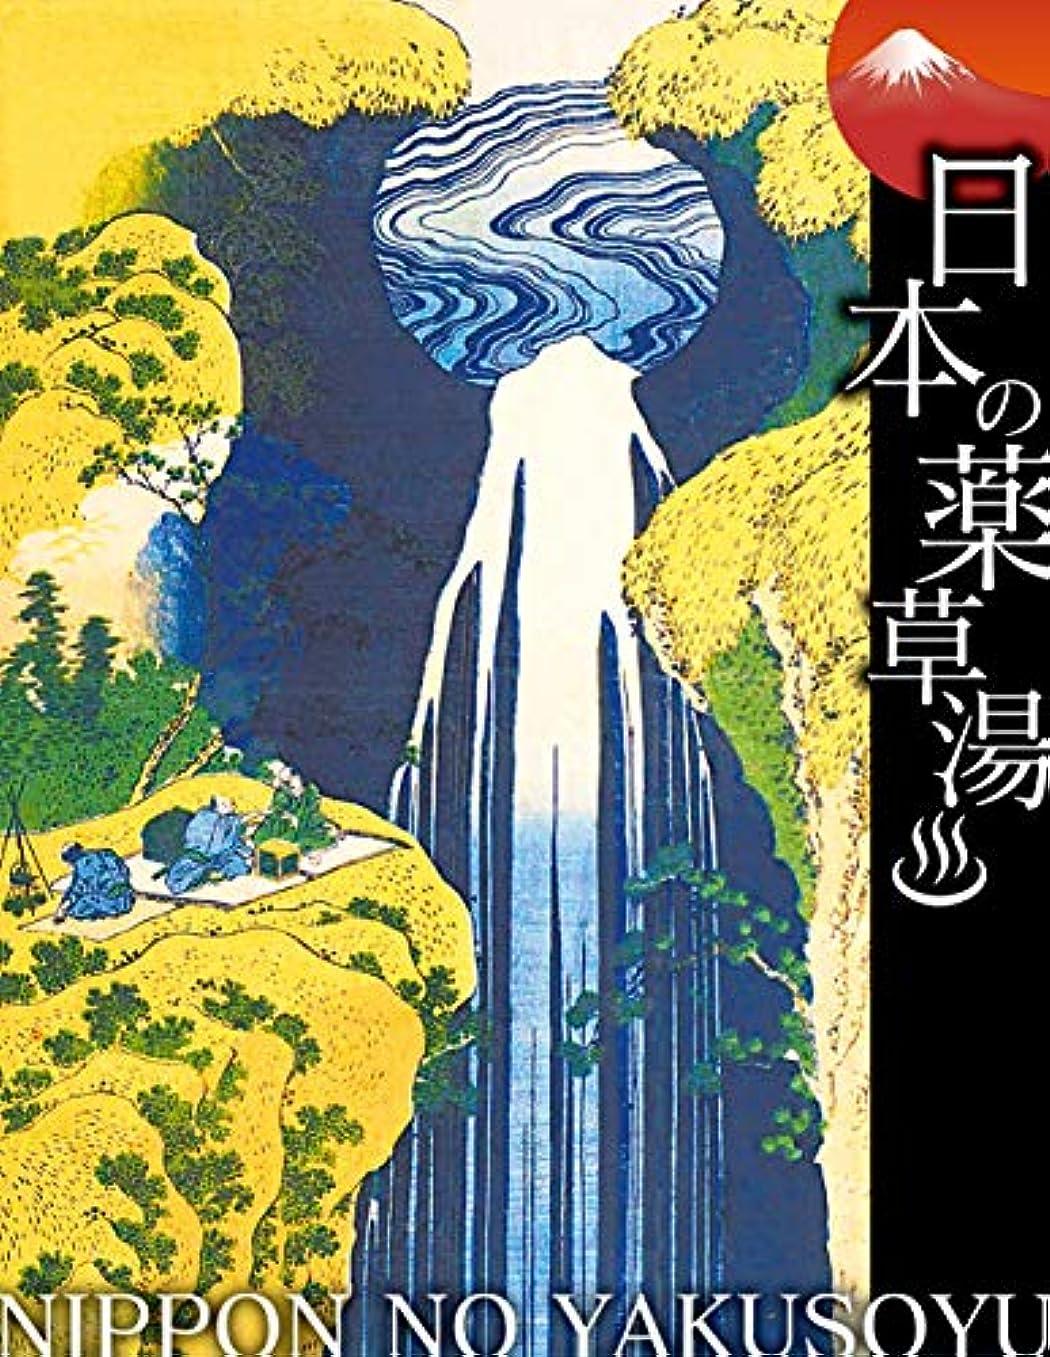 いいね外部バンド日本の薬草湯 木曽路ノ奥阿弥陀ヶ瀧(諸国瀧廻り)